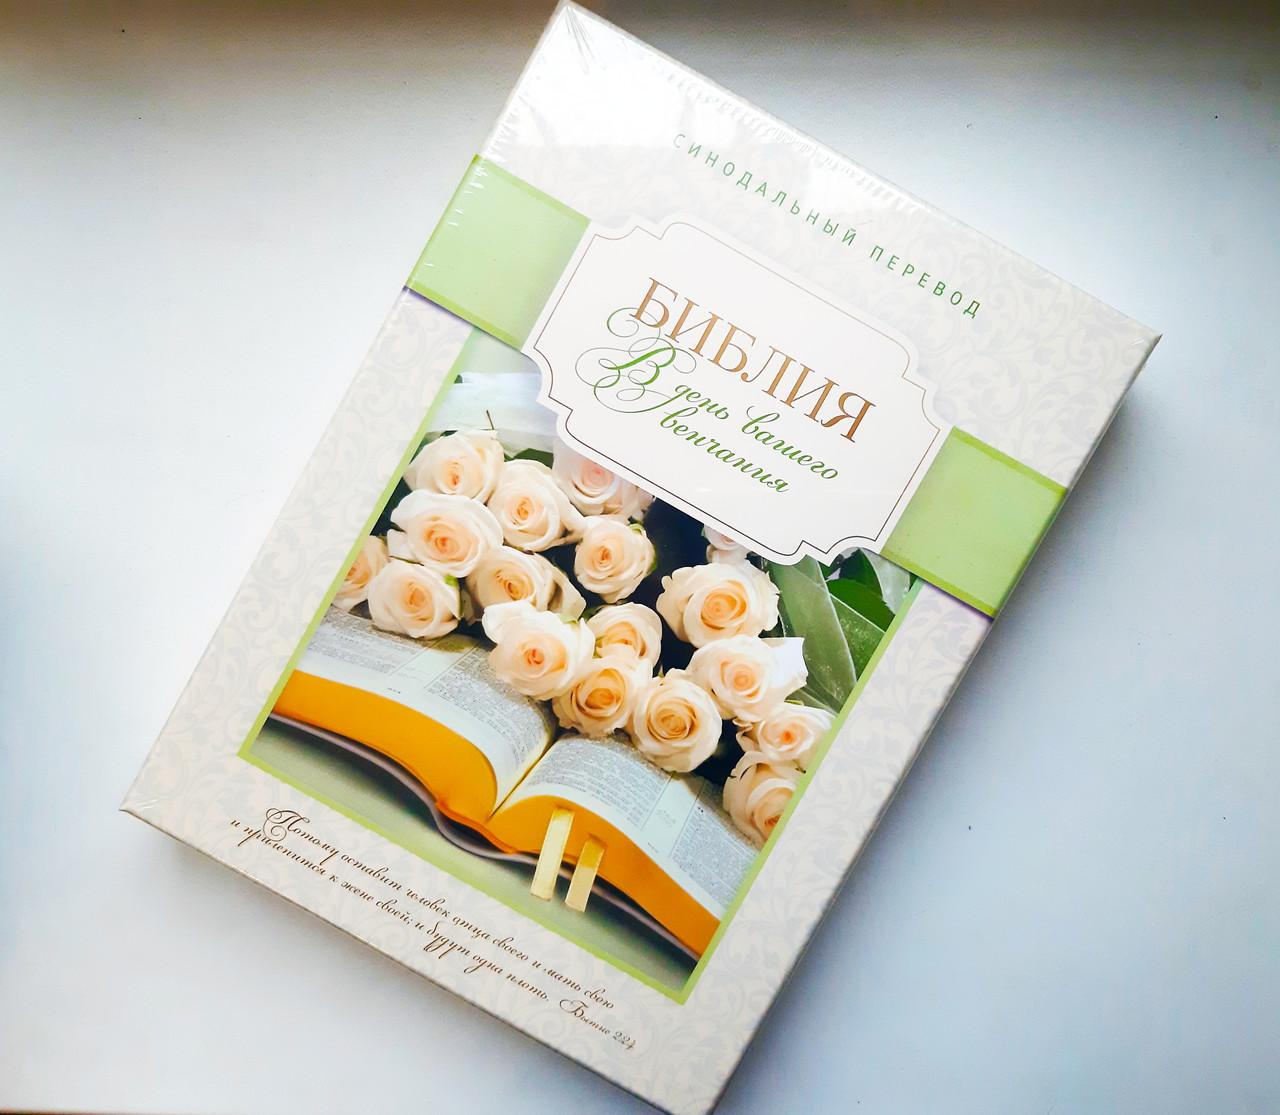 Библия венчальная на русском языке большого формата в коробке (натуральная кожа)